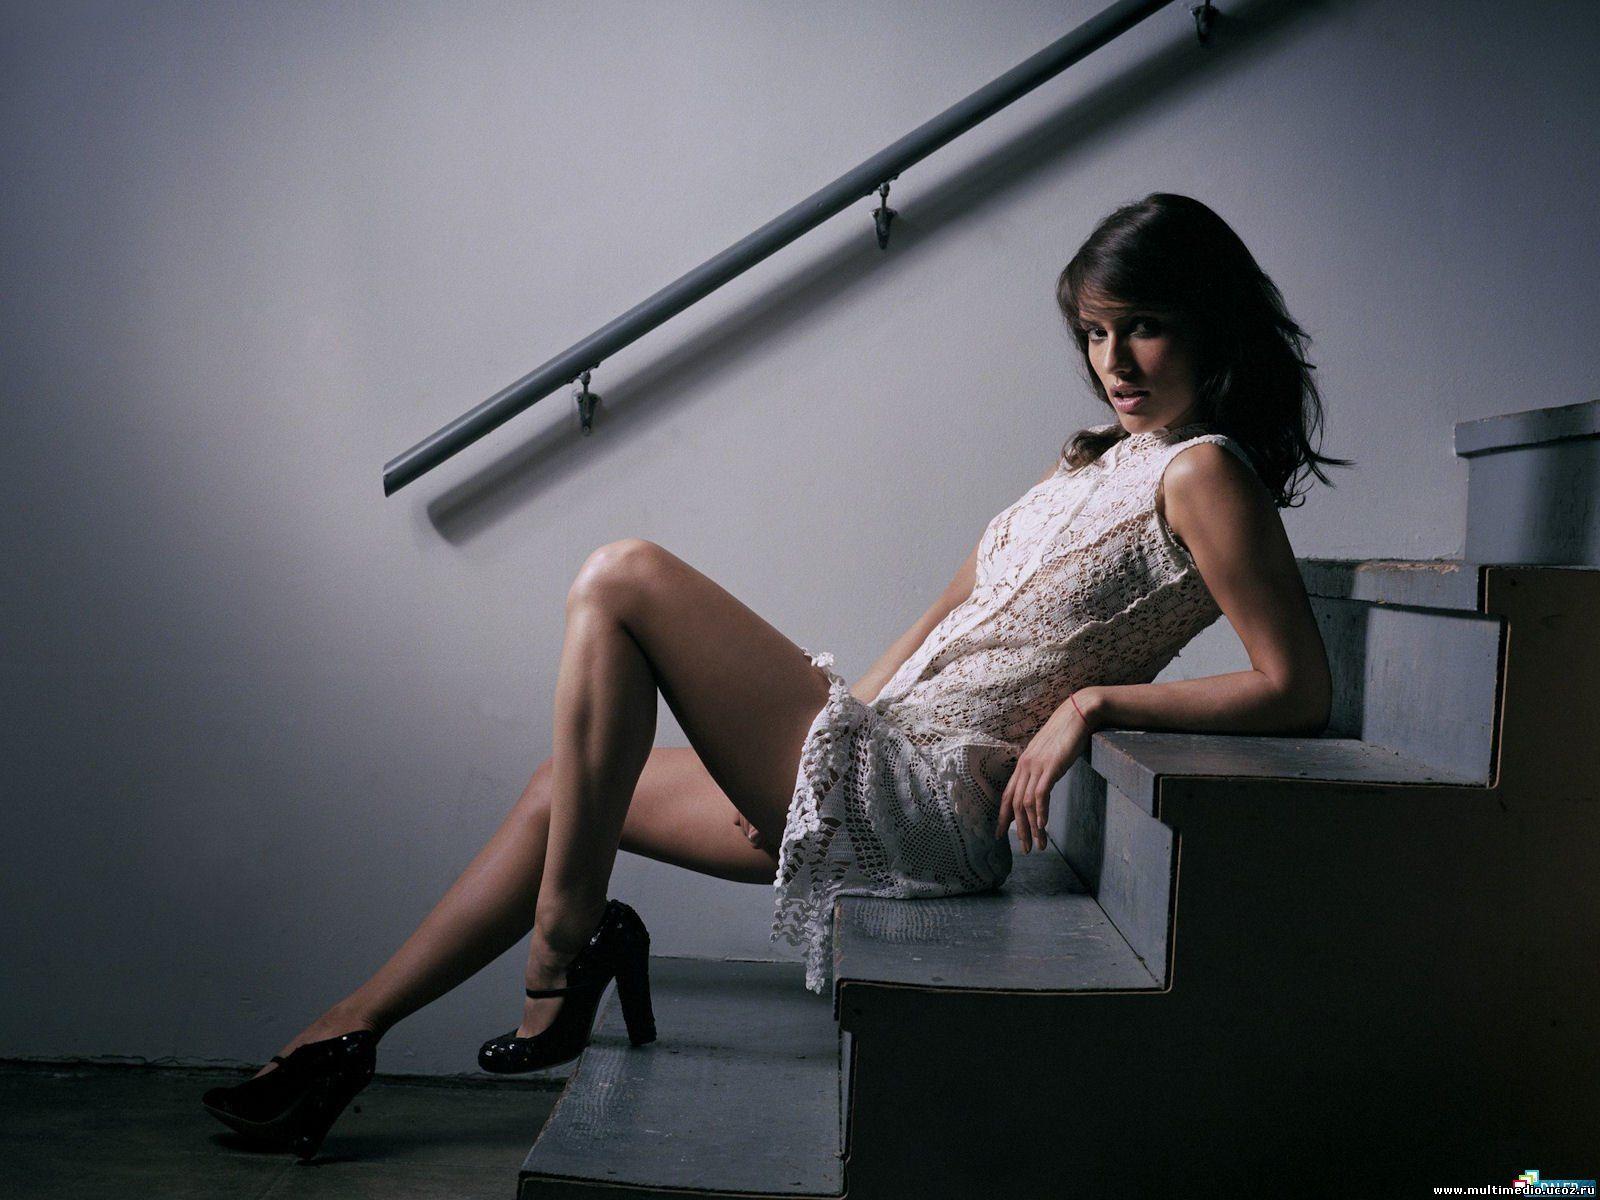 Фото девушка подымается по лестнице без 5 фотография